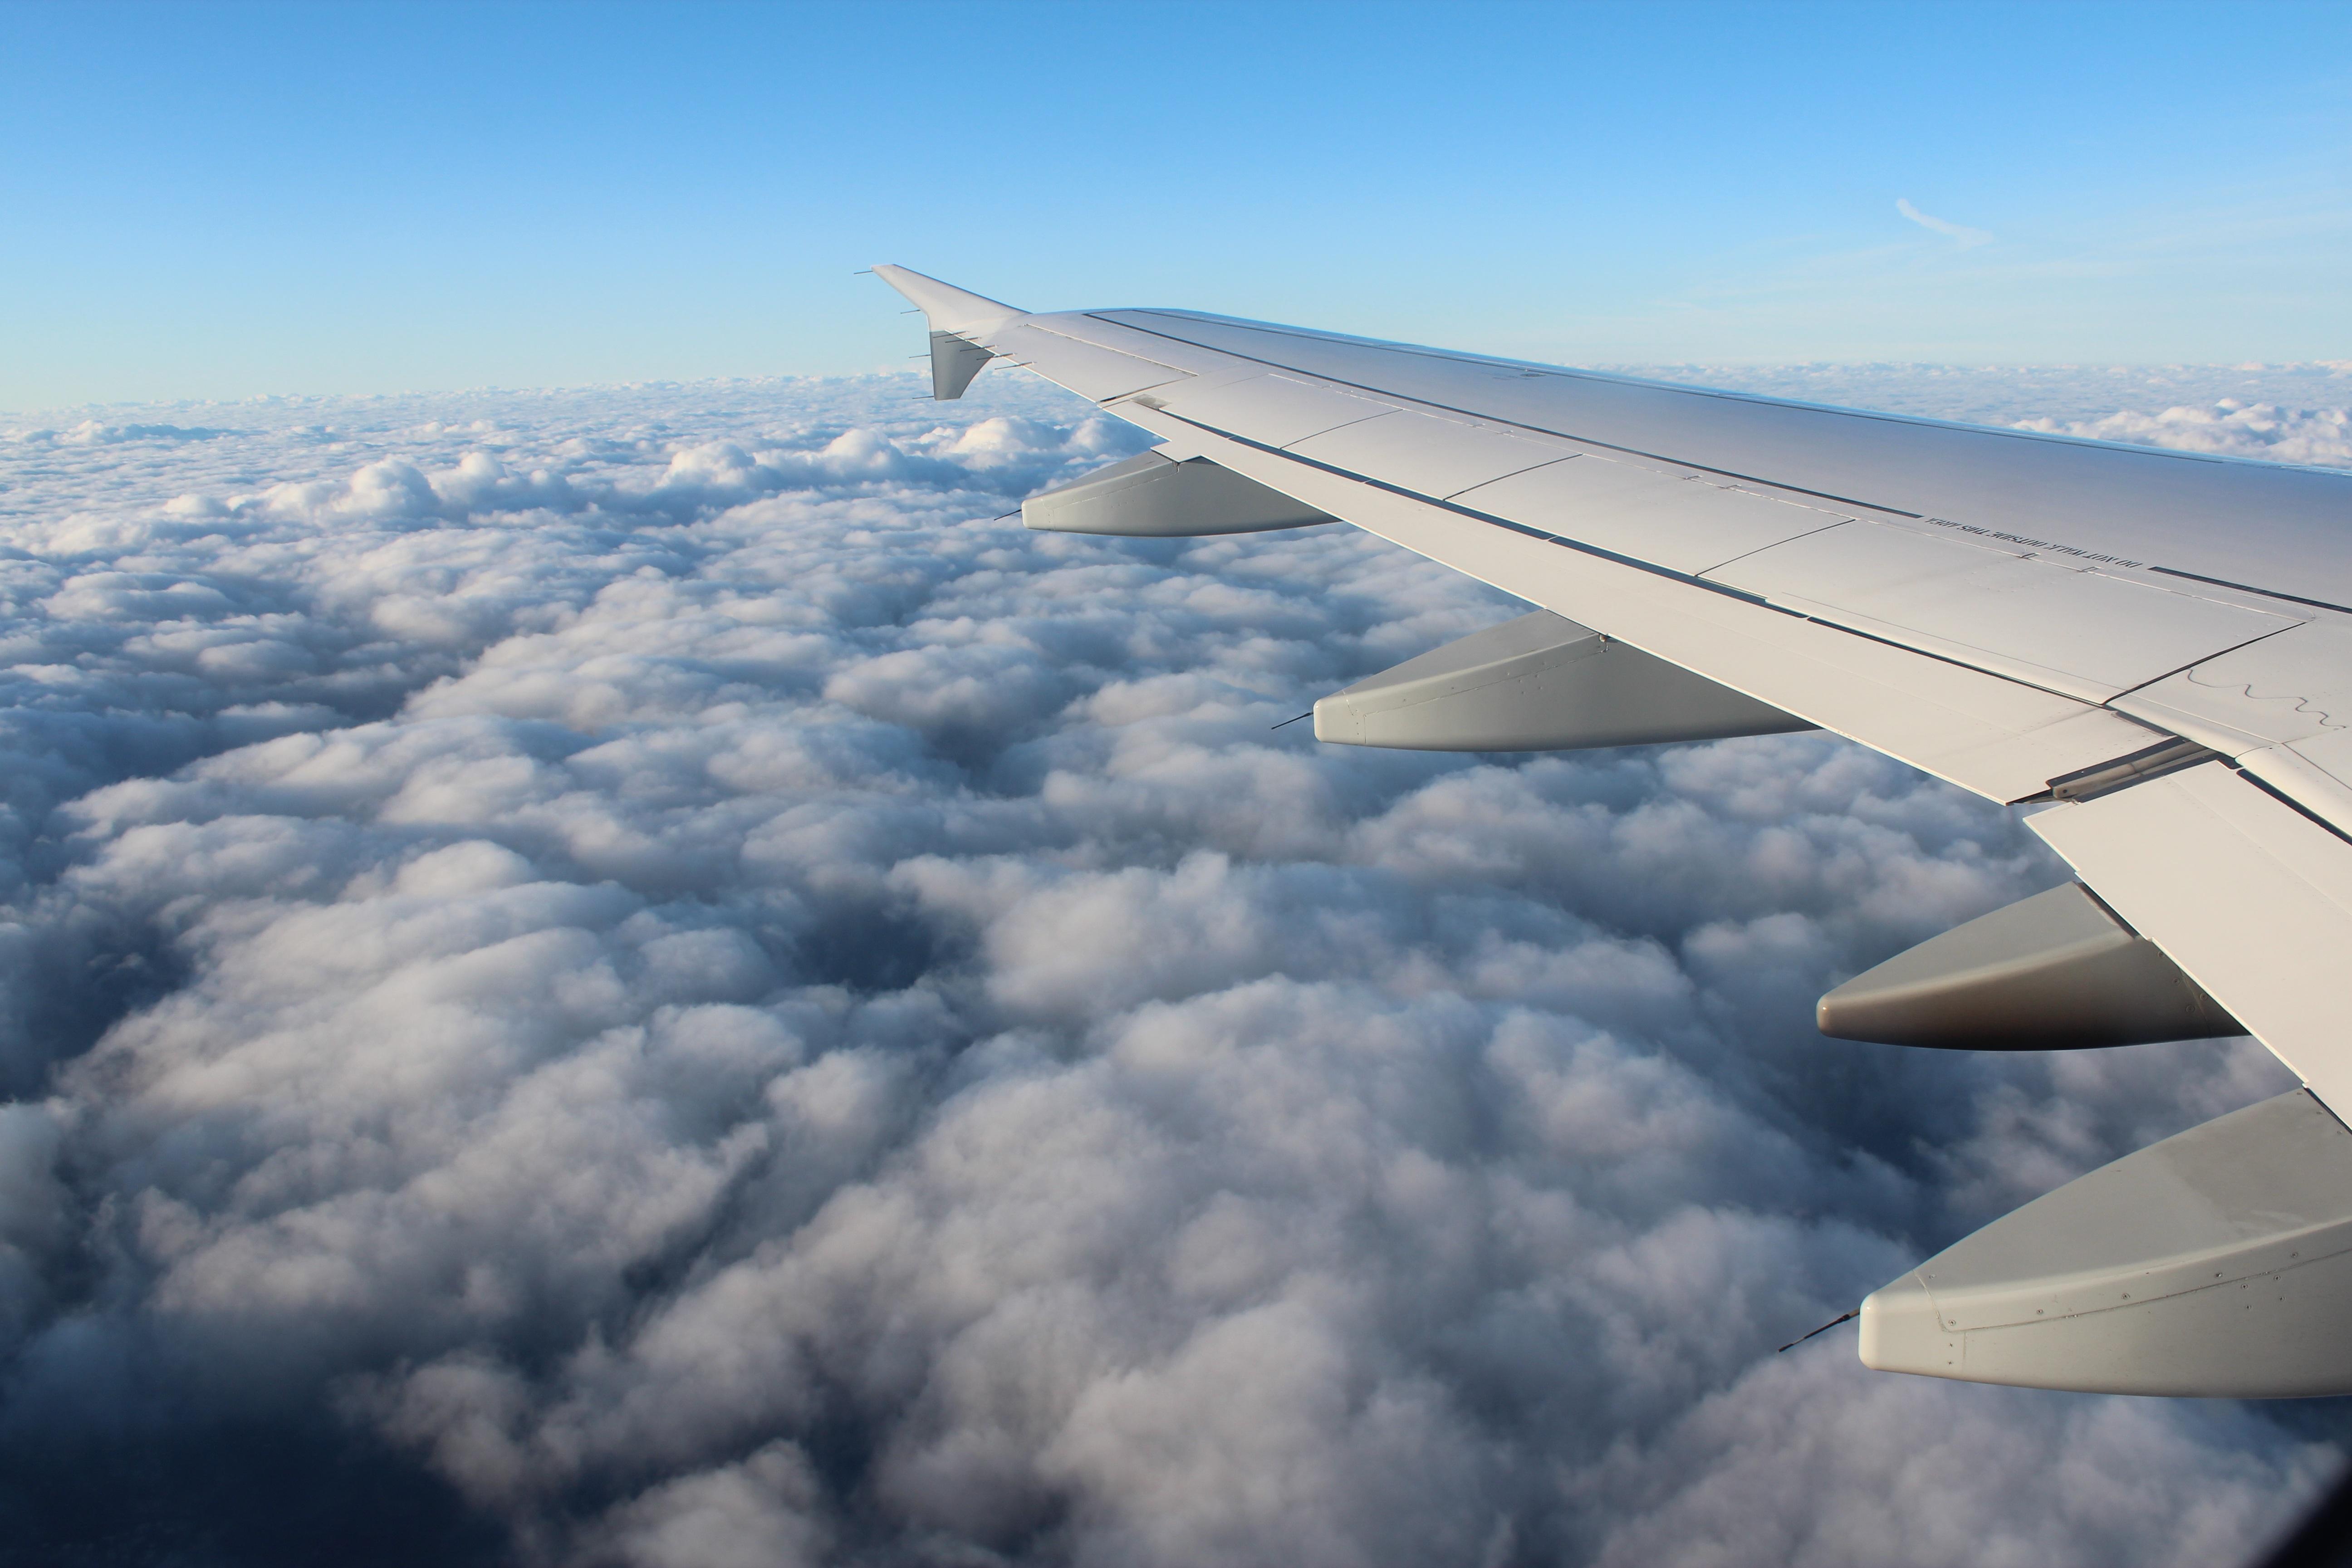 Kostenlose foto : Flügel, Wolke, Himmel, Zuhause, Fliege, Reise ...